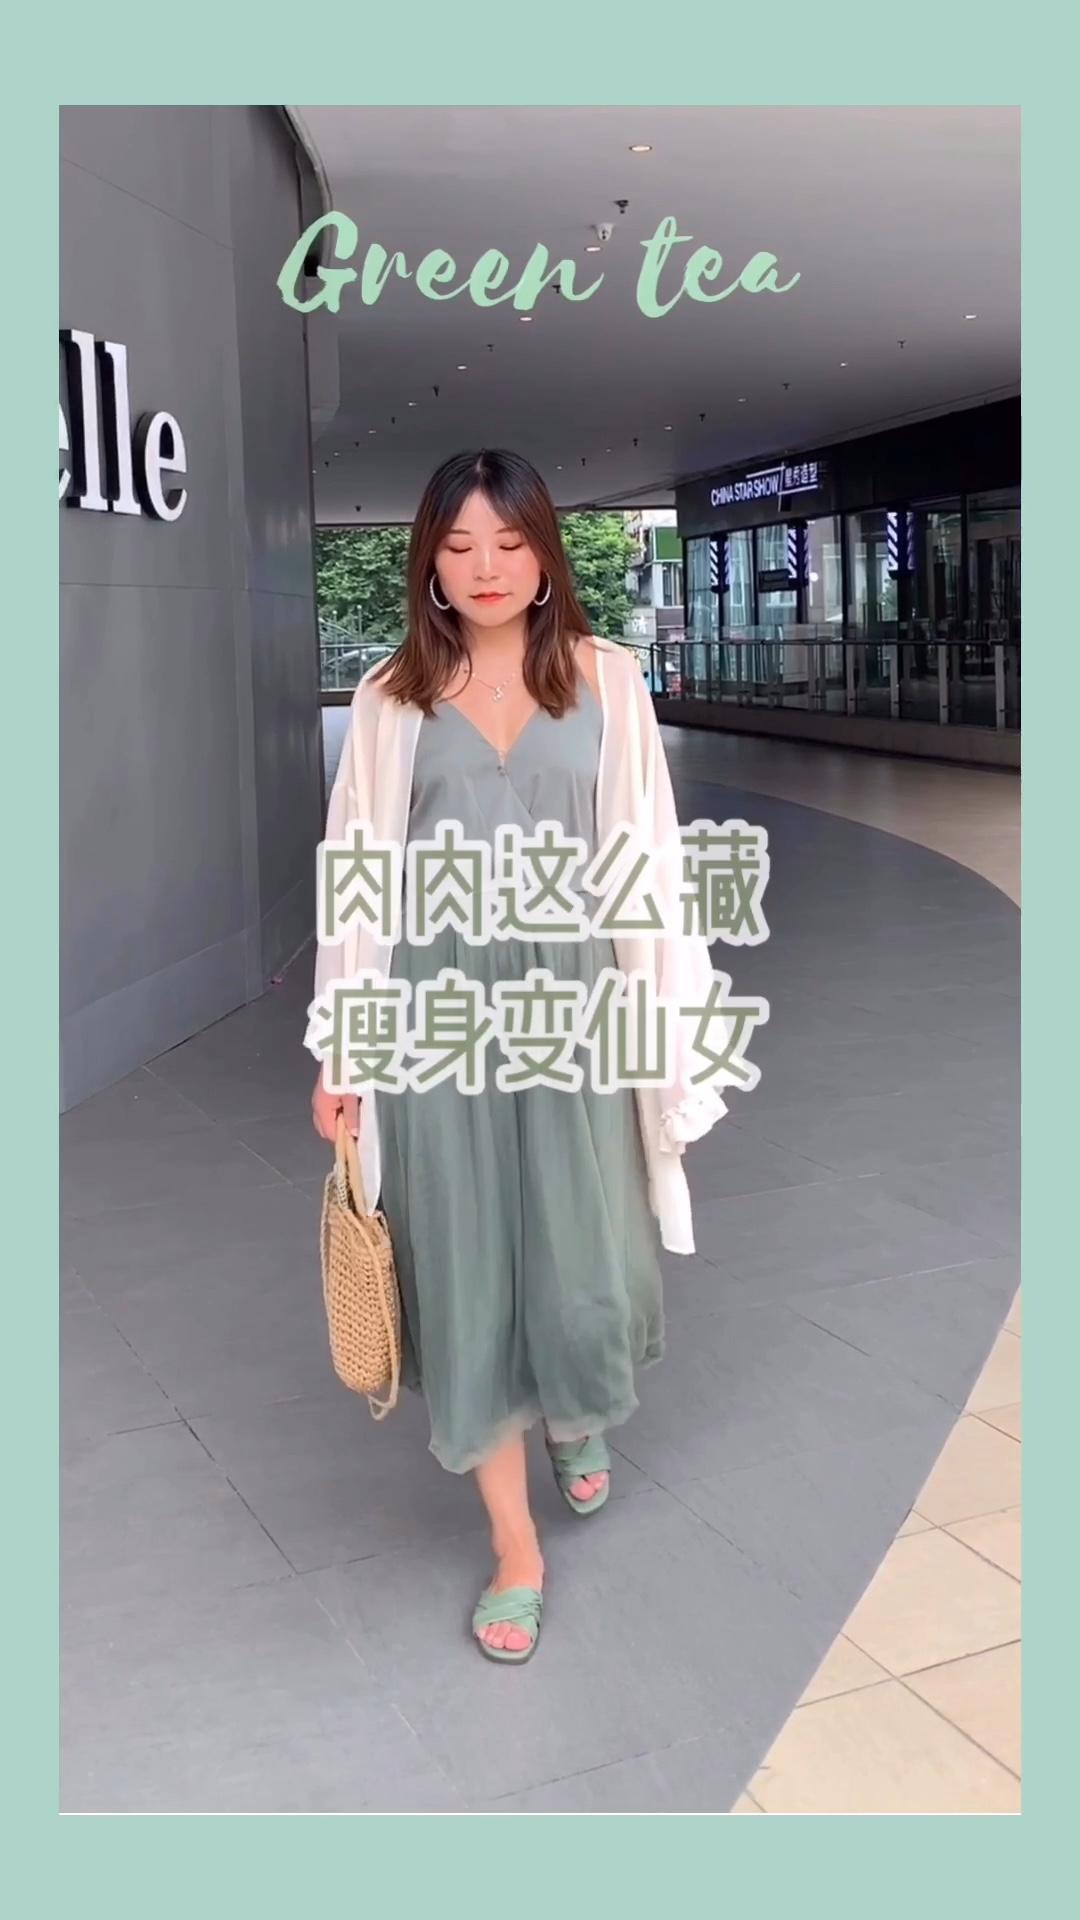 #100斤微胖女生,如何穿成80斤?# 🌲今日分享橄榄绿吊带裙~ Fairy wang家的纱裙。穿起来特别舒服,非常ins风~颜色特别好看,纱纱超级柔软,温柔气质的一款仙气连衣裙。遮肉效果一级棒! 由于我手臂肉所以搭配了防晒衣,好看又防晒,仙女级防晒衣,不容错过哦~ 热风的拖鞋,钟意这个颜色,皮面特别软,穿起来很舒服🥑